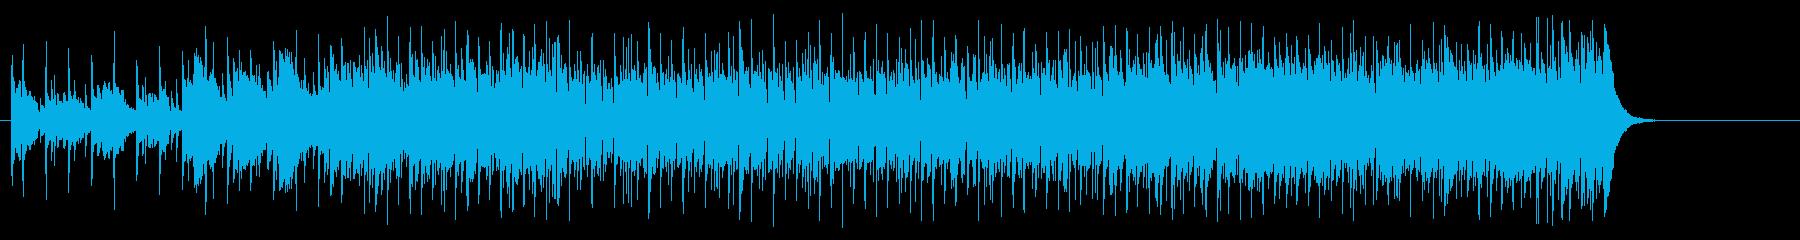 ワクワクしながら、その気になるBGMの再生済みの波形